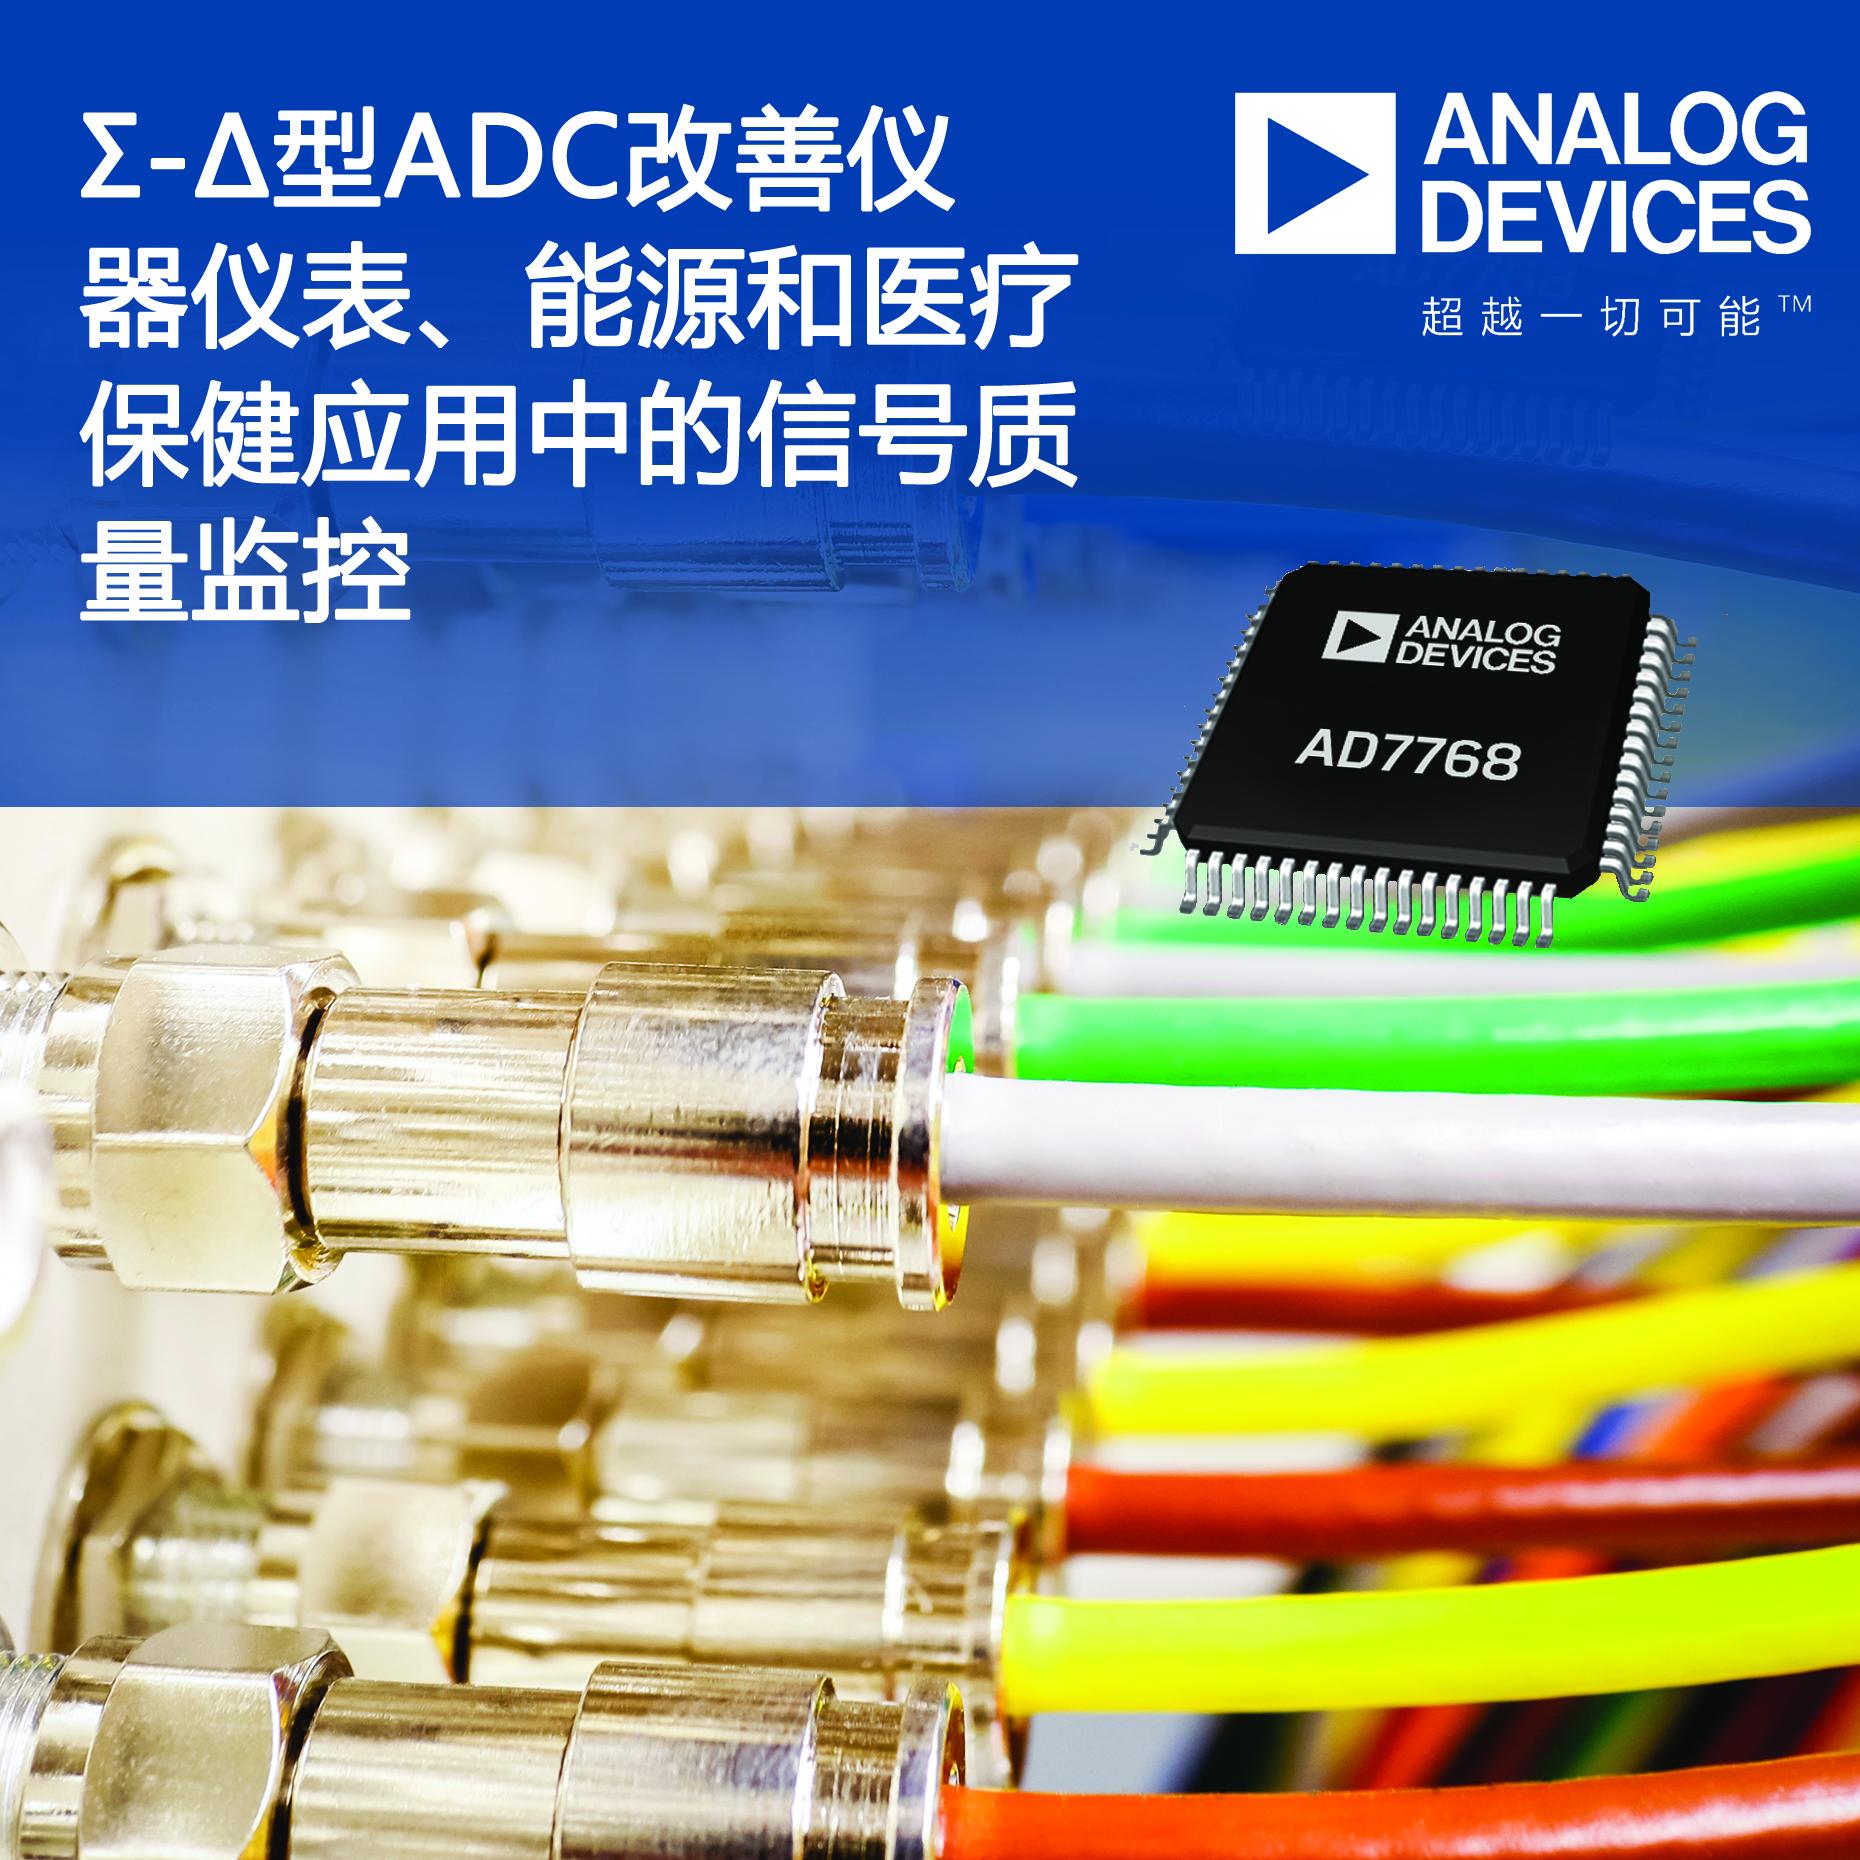 Σ-Δ型ADC改善仪器仪表、能源和医疗保健应用中的信号质量监控